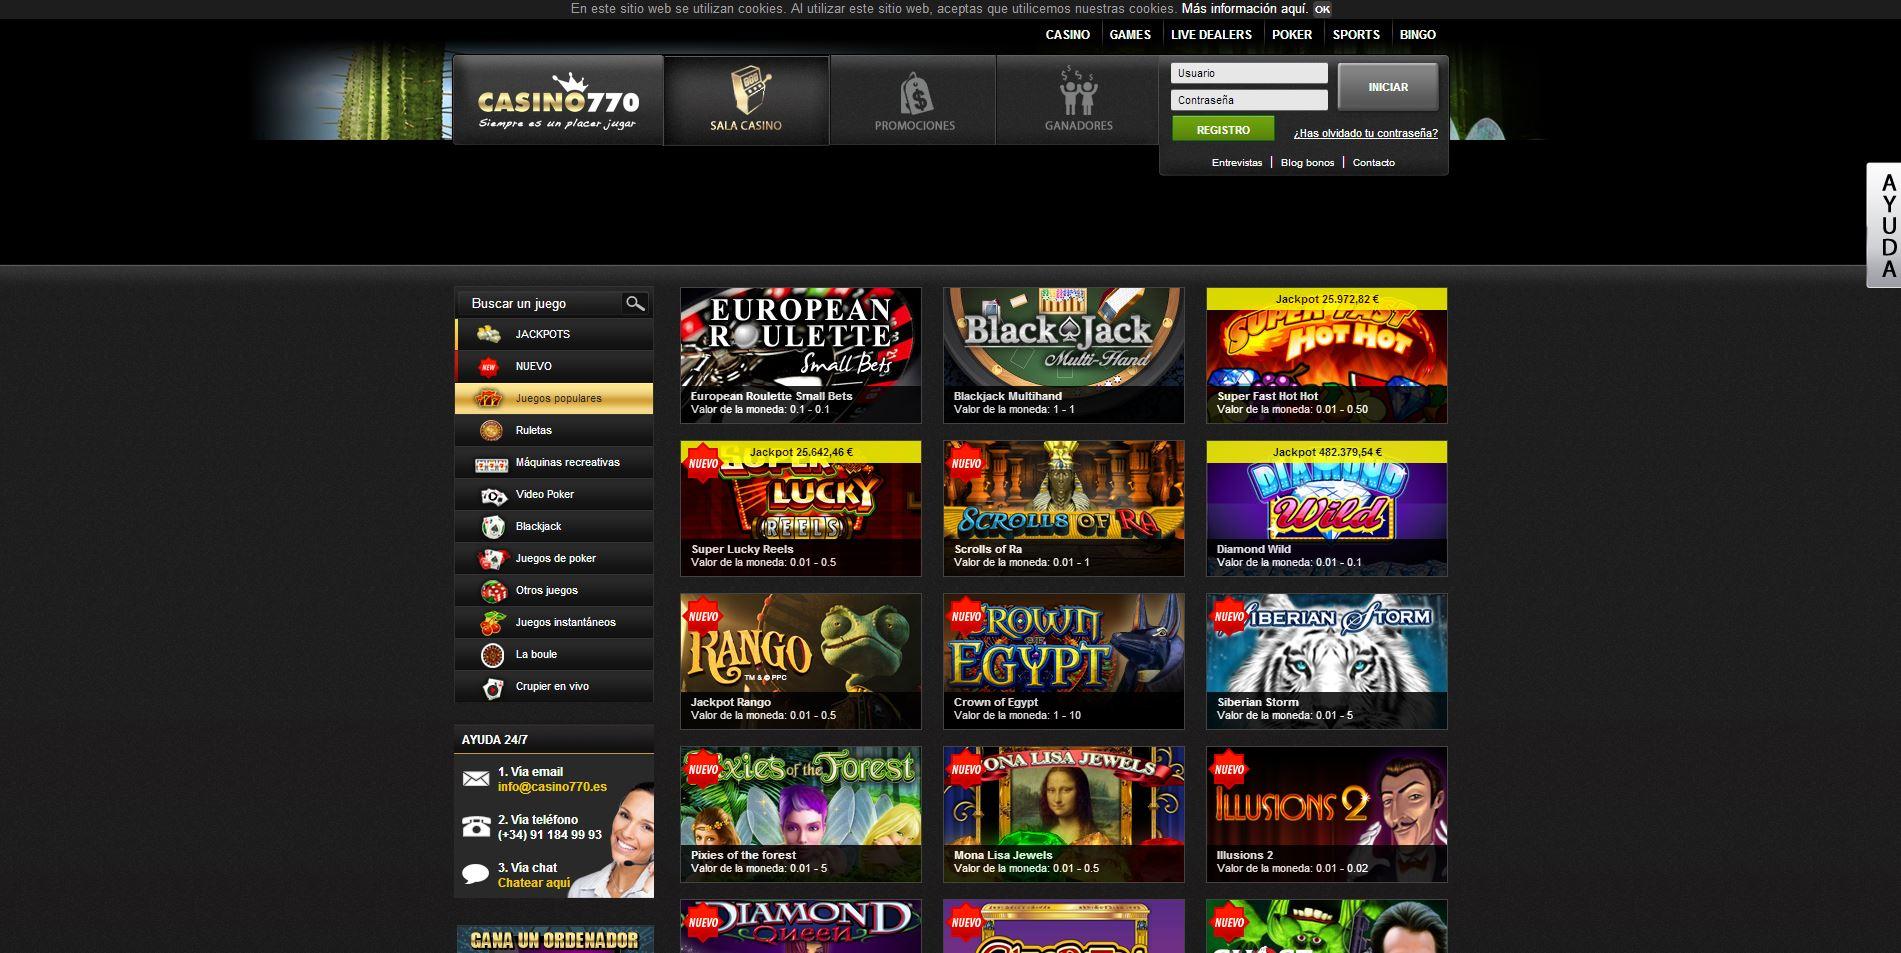 Casino 770 juegos gratis existen en Antofagasta - 22022